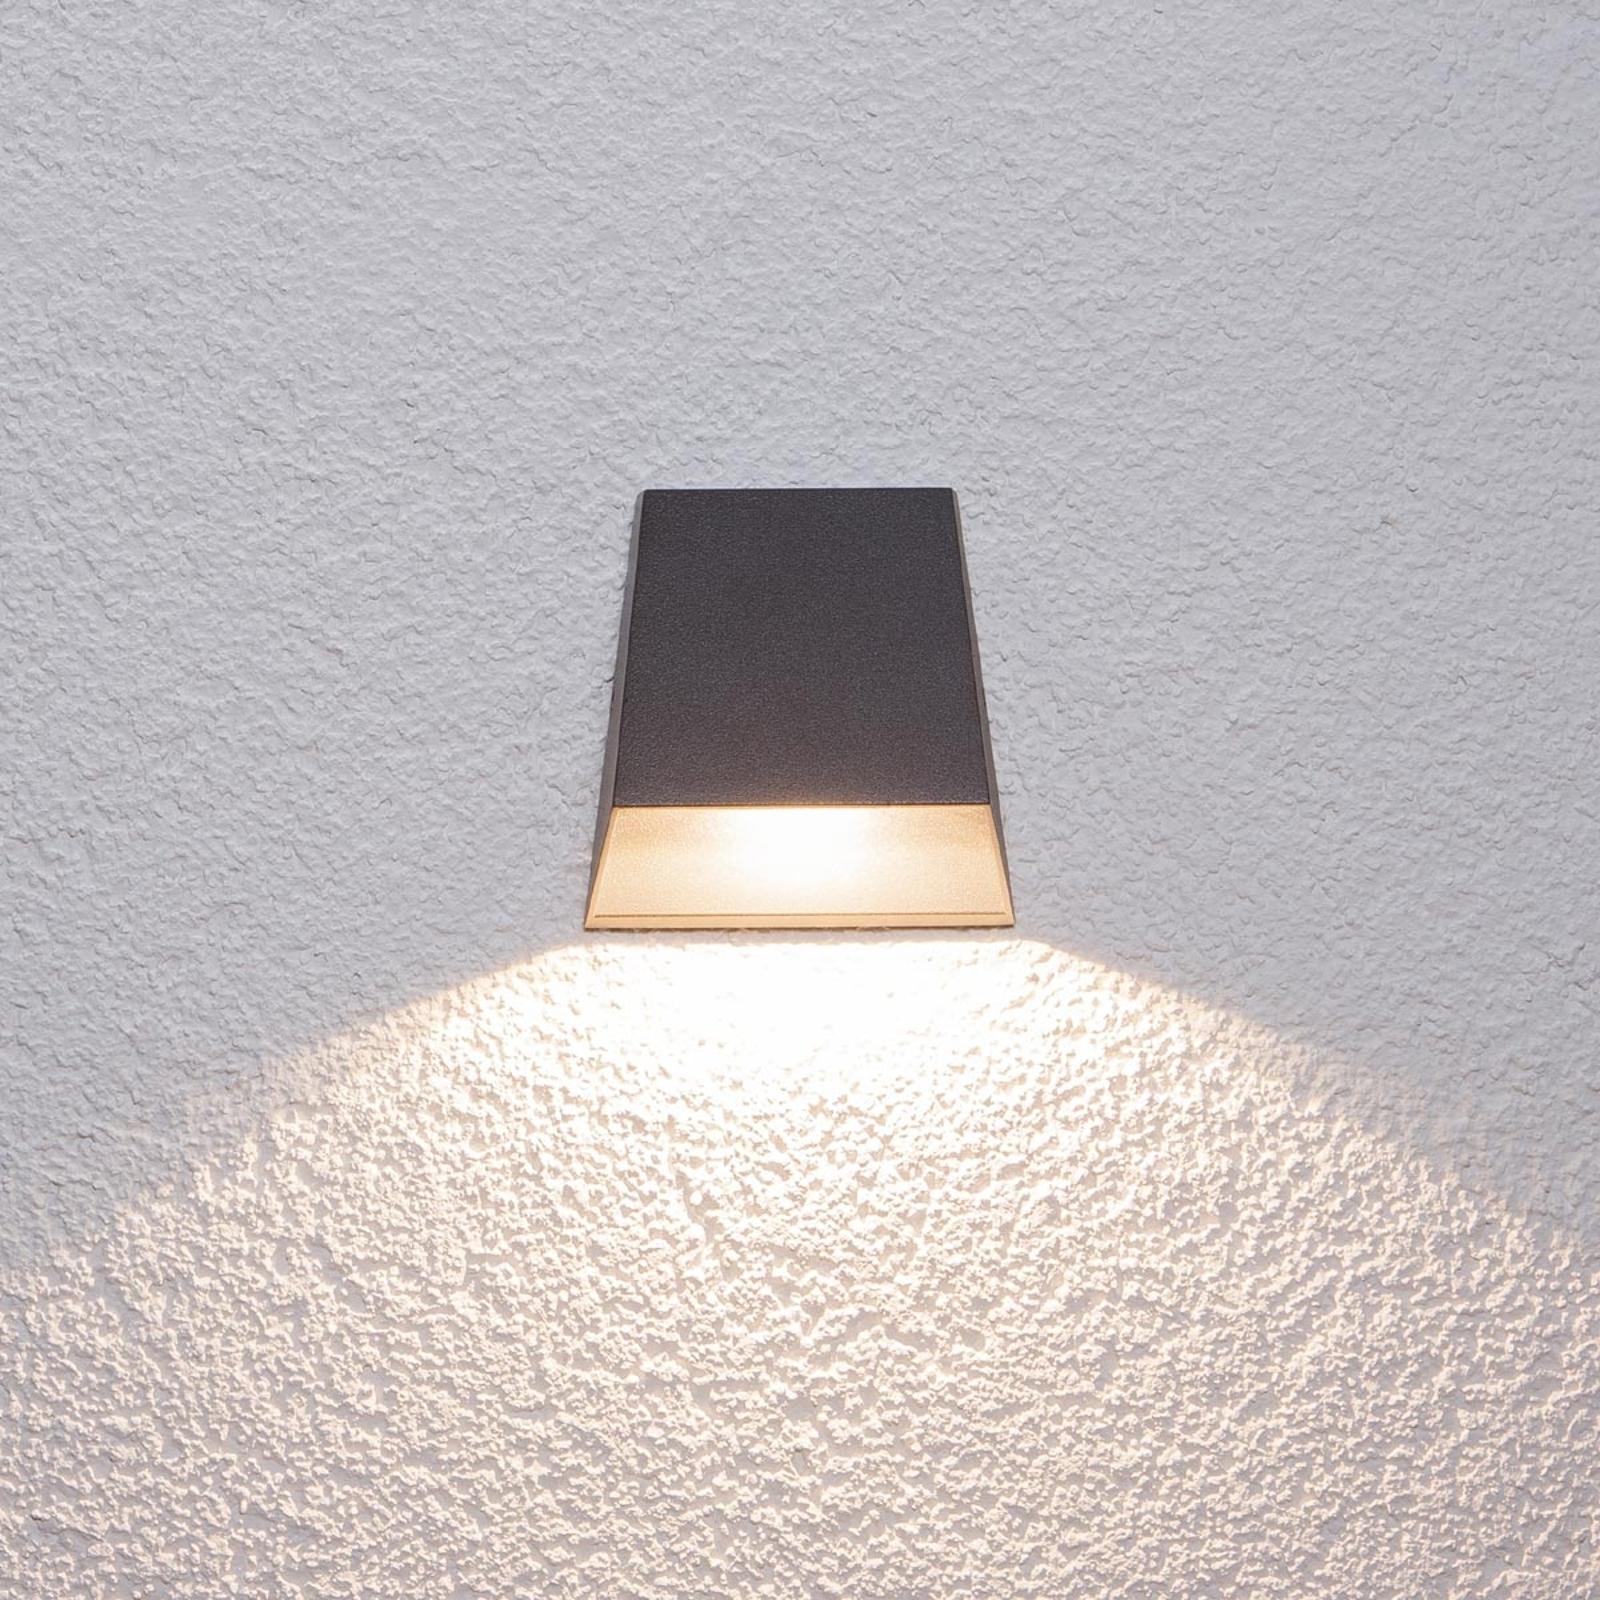 Bredstrålet Hanno utendørs LED-vegglampe